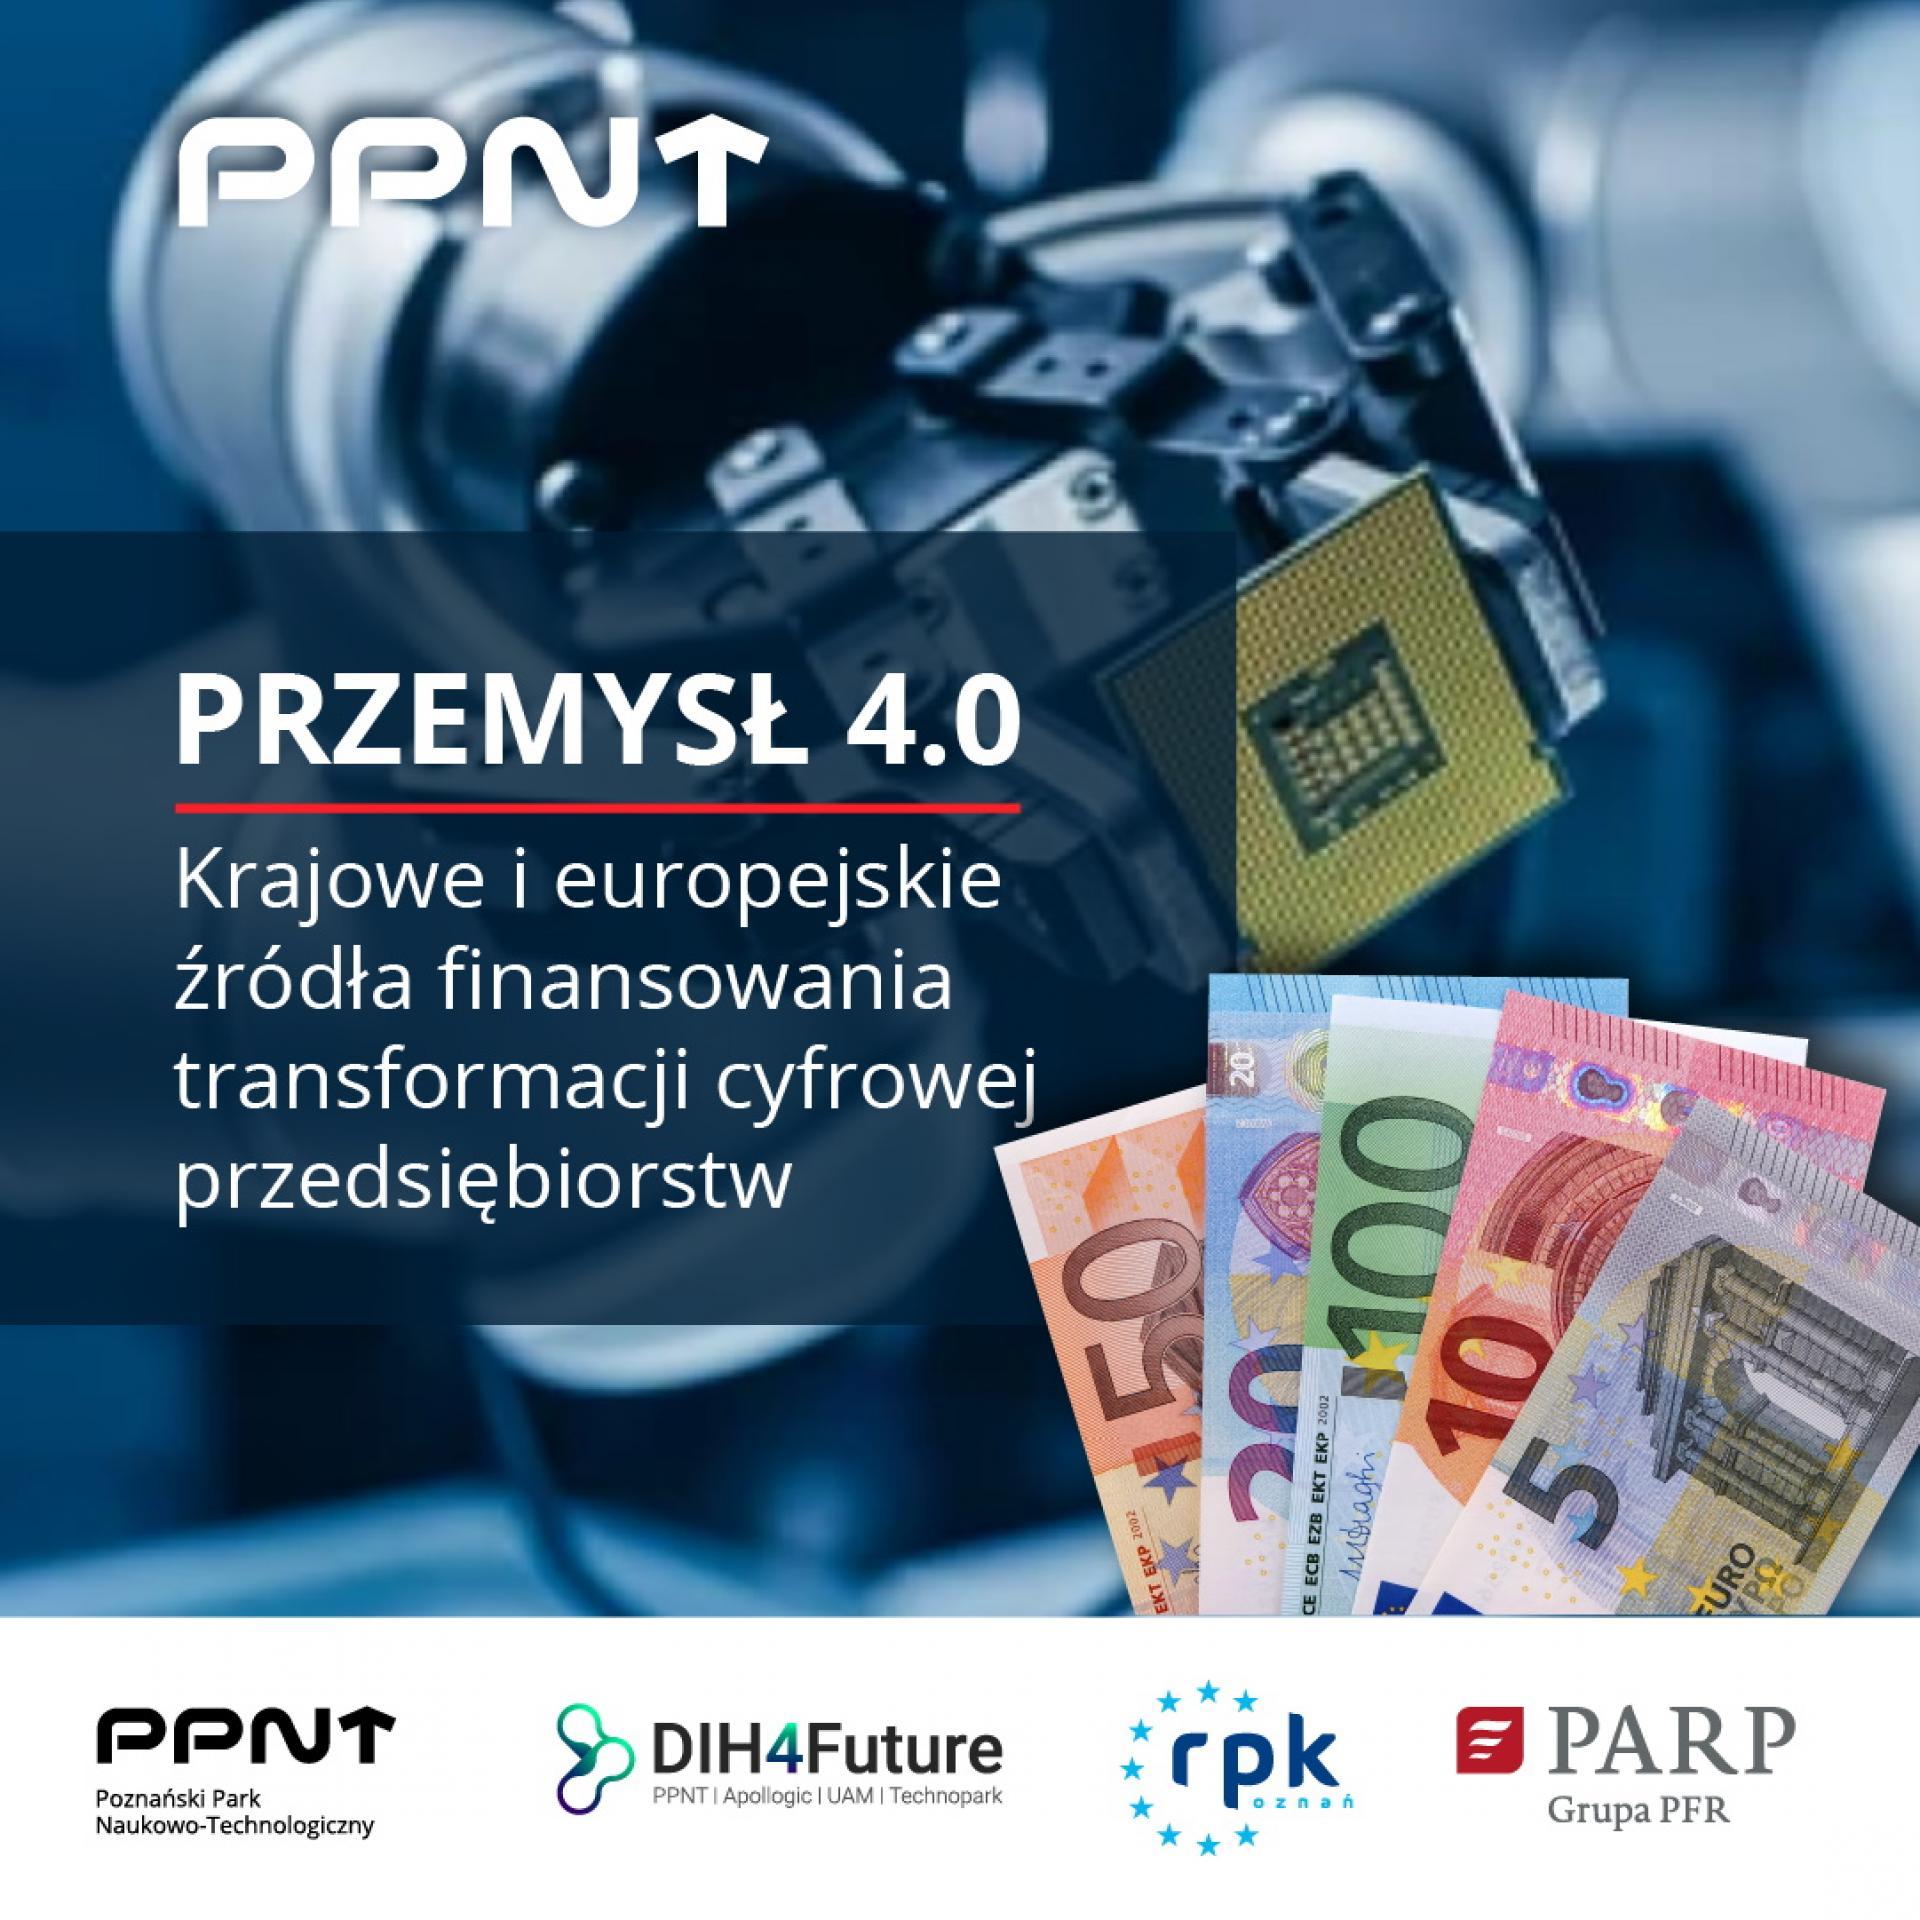 Przemysł 4.0 – krajowe i europejskie źródła finansowania transformacji cyfrowej przedsiębiorstw - zobacz więcej